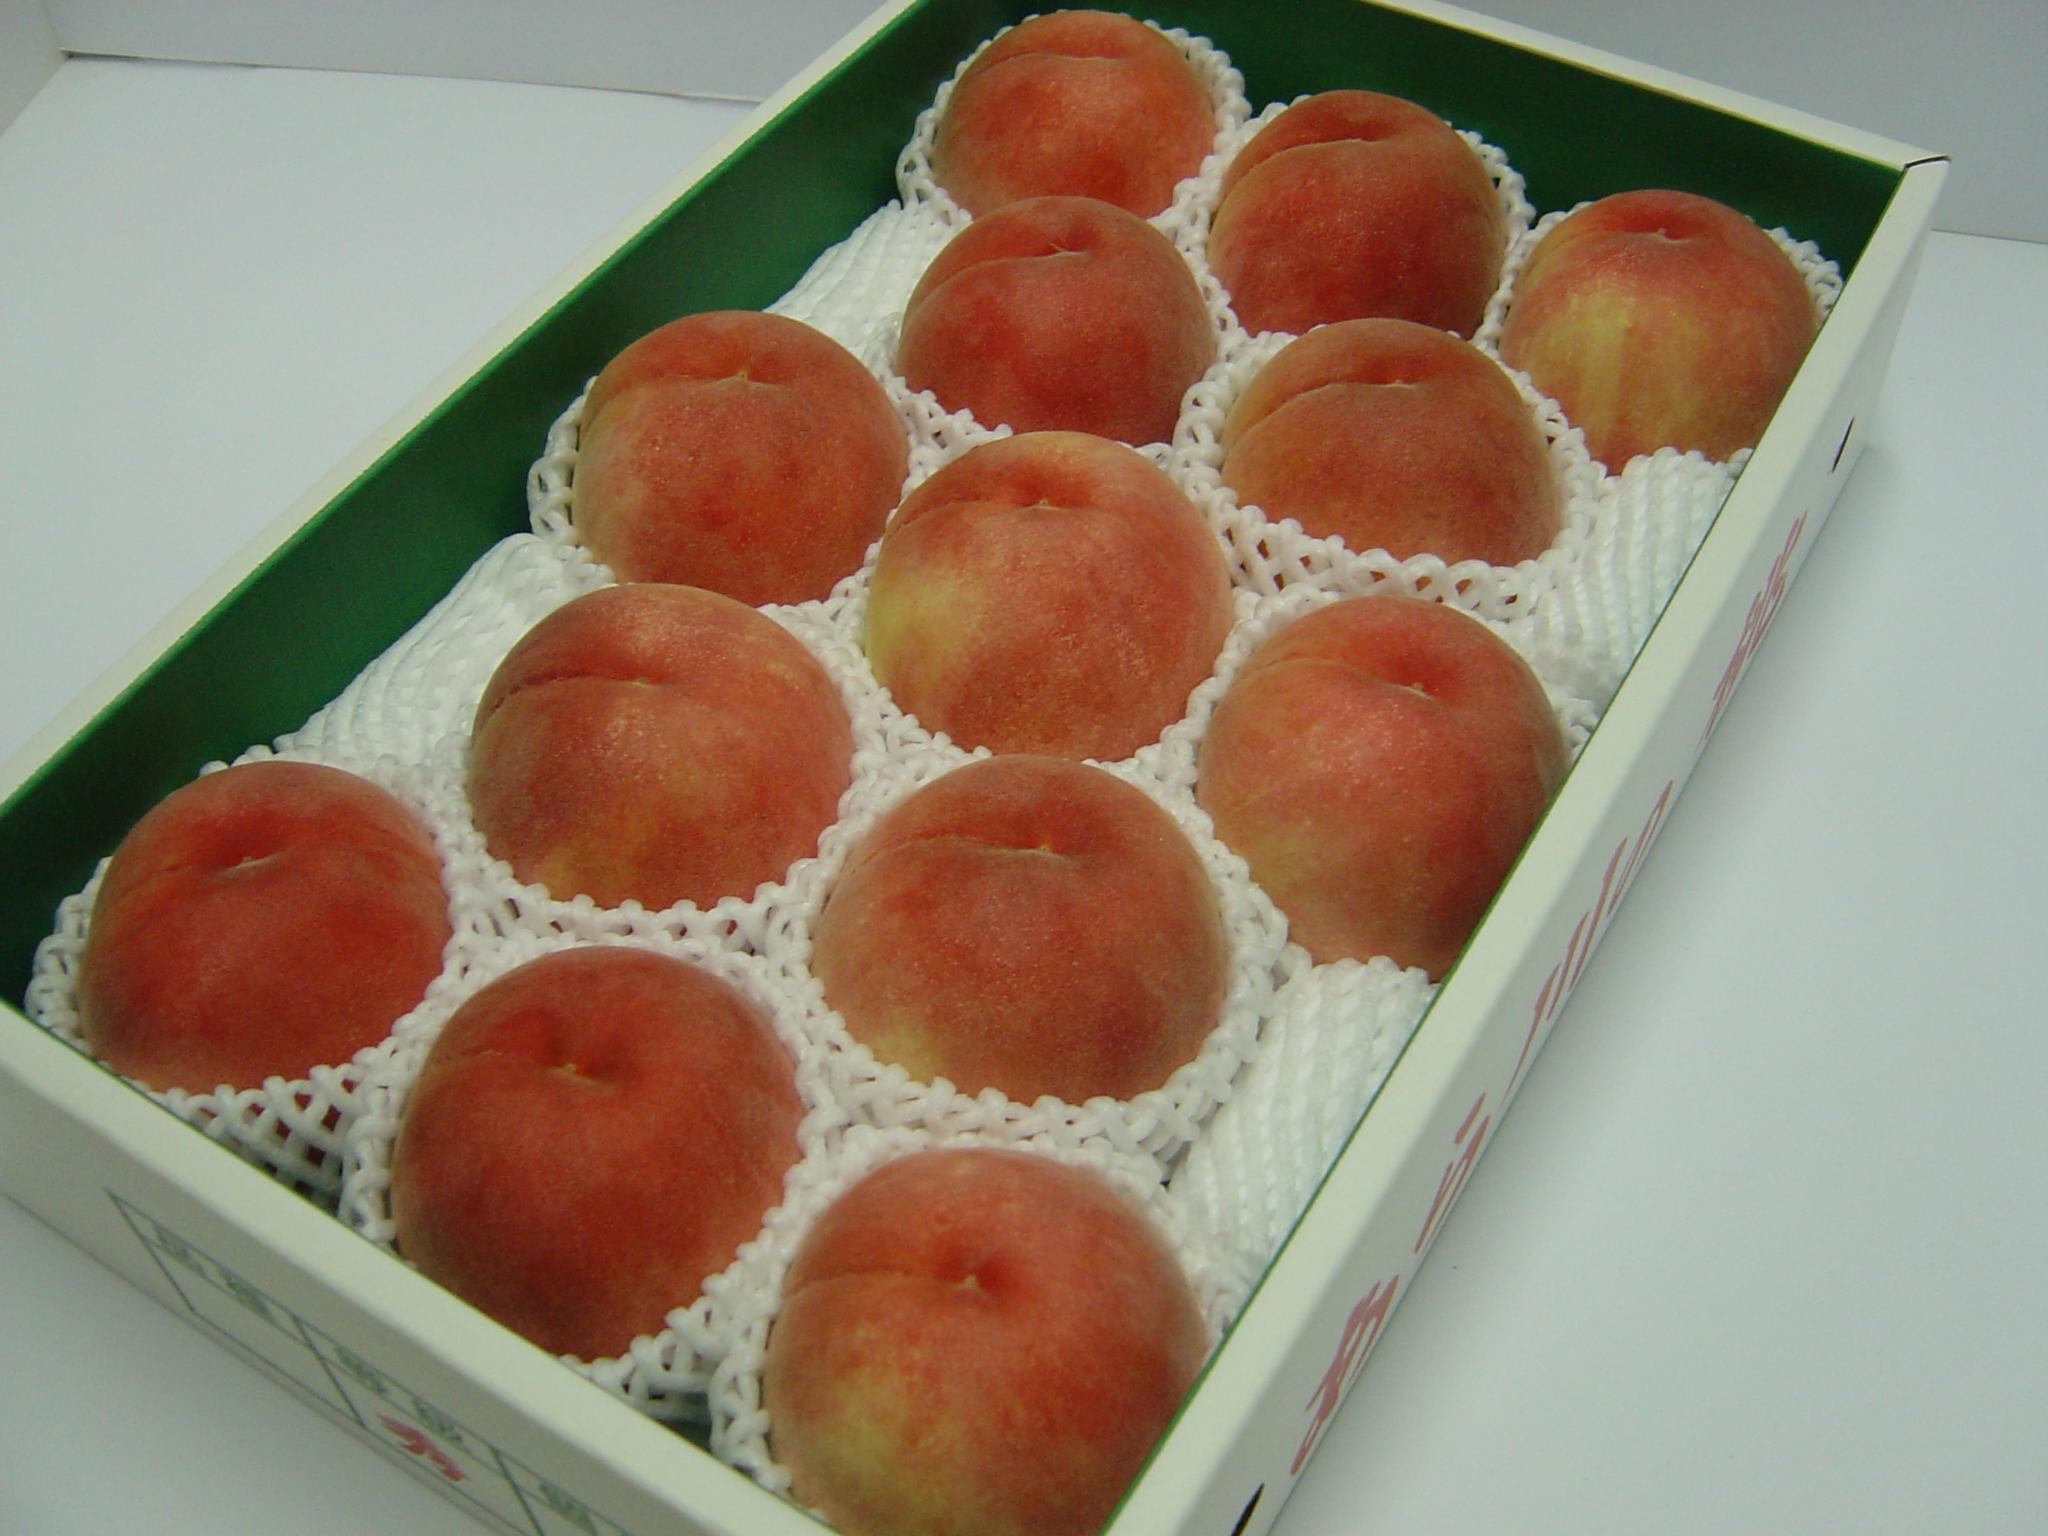 特選品 中玉 なつっこ 大箱(約4kg)